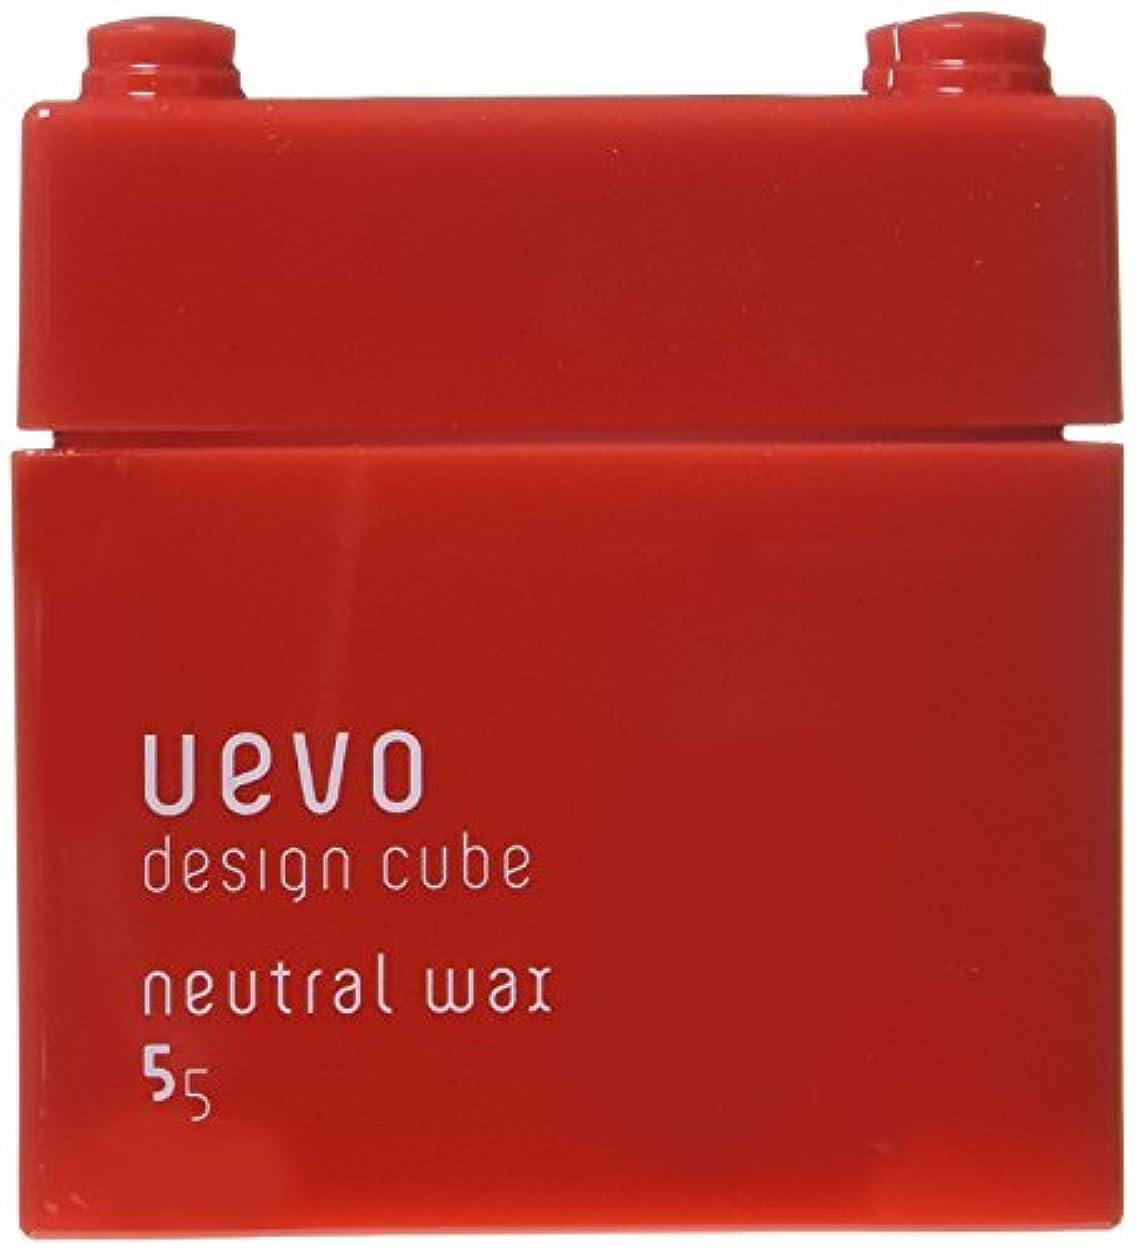 悪行産地文句を言うウェーボ デザインキューブ ニュートラルワックス 80g